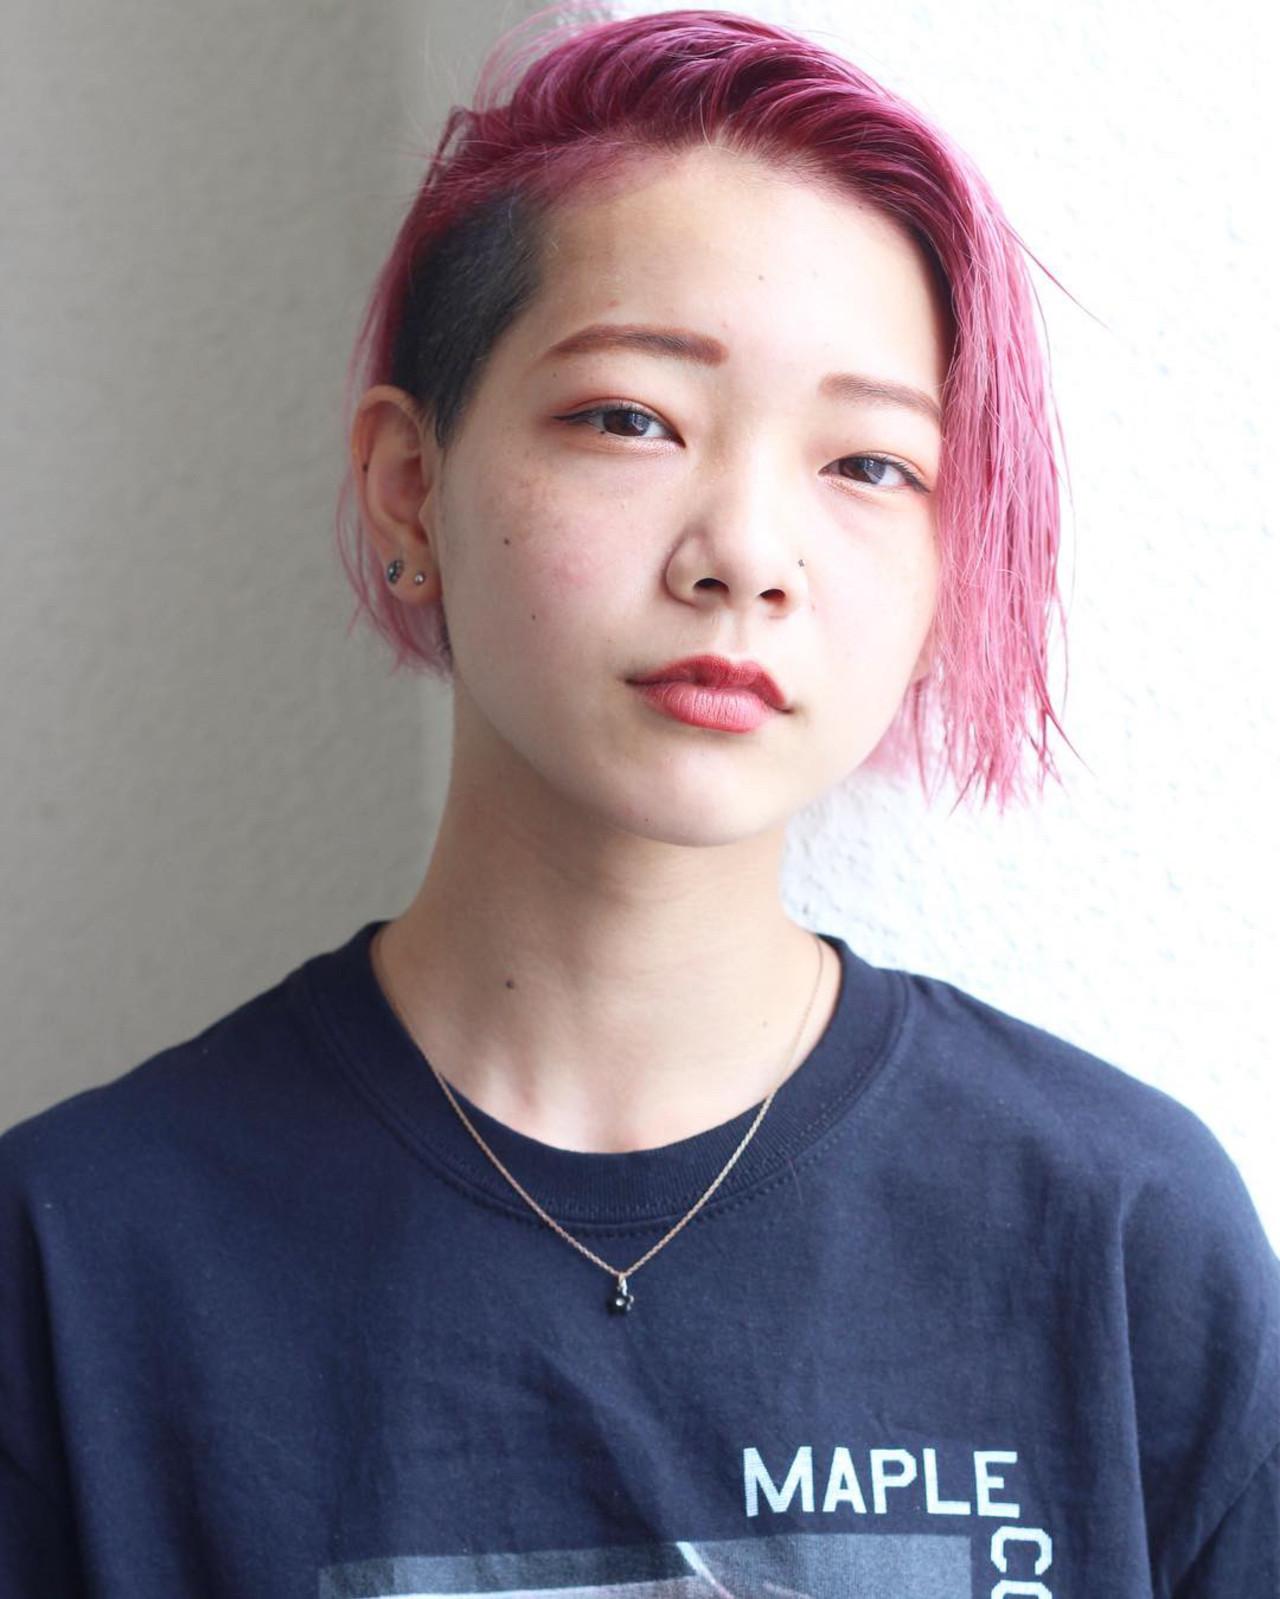 ショート ベリーピンク スポーツ ピンクヘア ヘアスタイルや髪型の写真・画像 | 松田 和幸 / tuuli